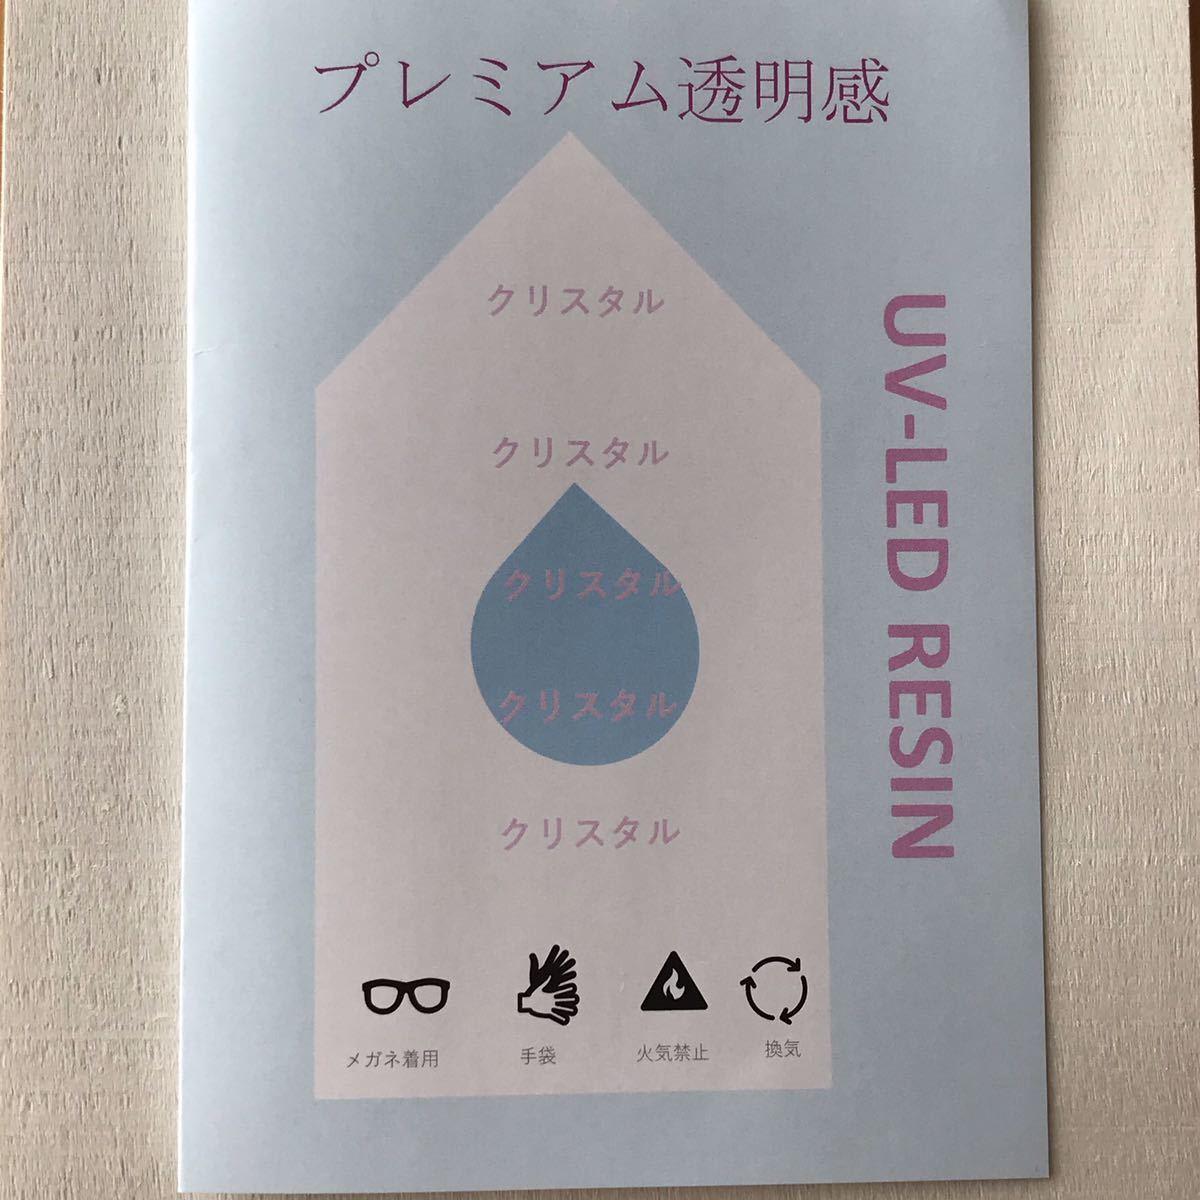 レジン液 UV LED レジンクリスタル 大容量100g3本セット ハンドメイド 素材 材料_画像2